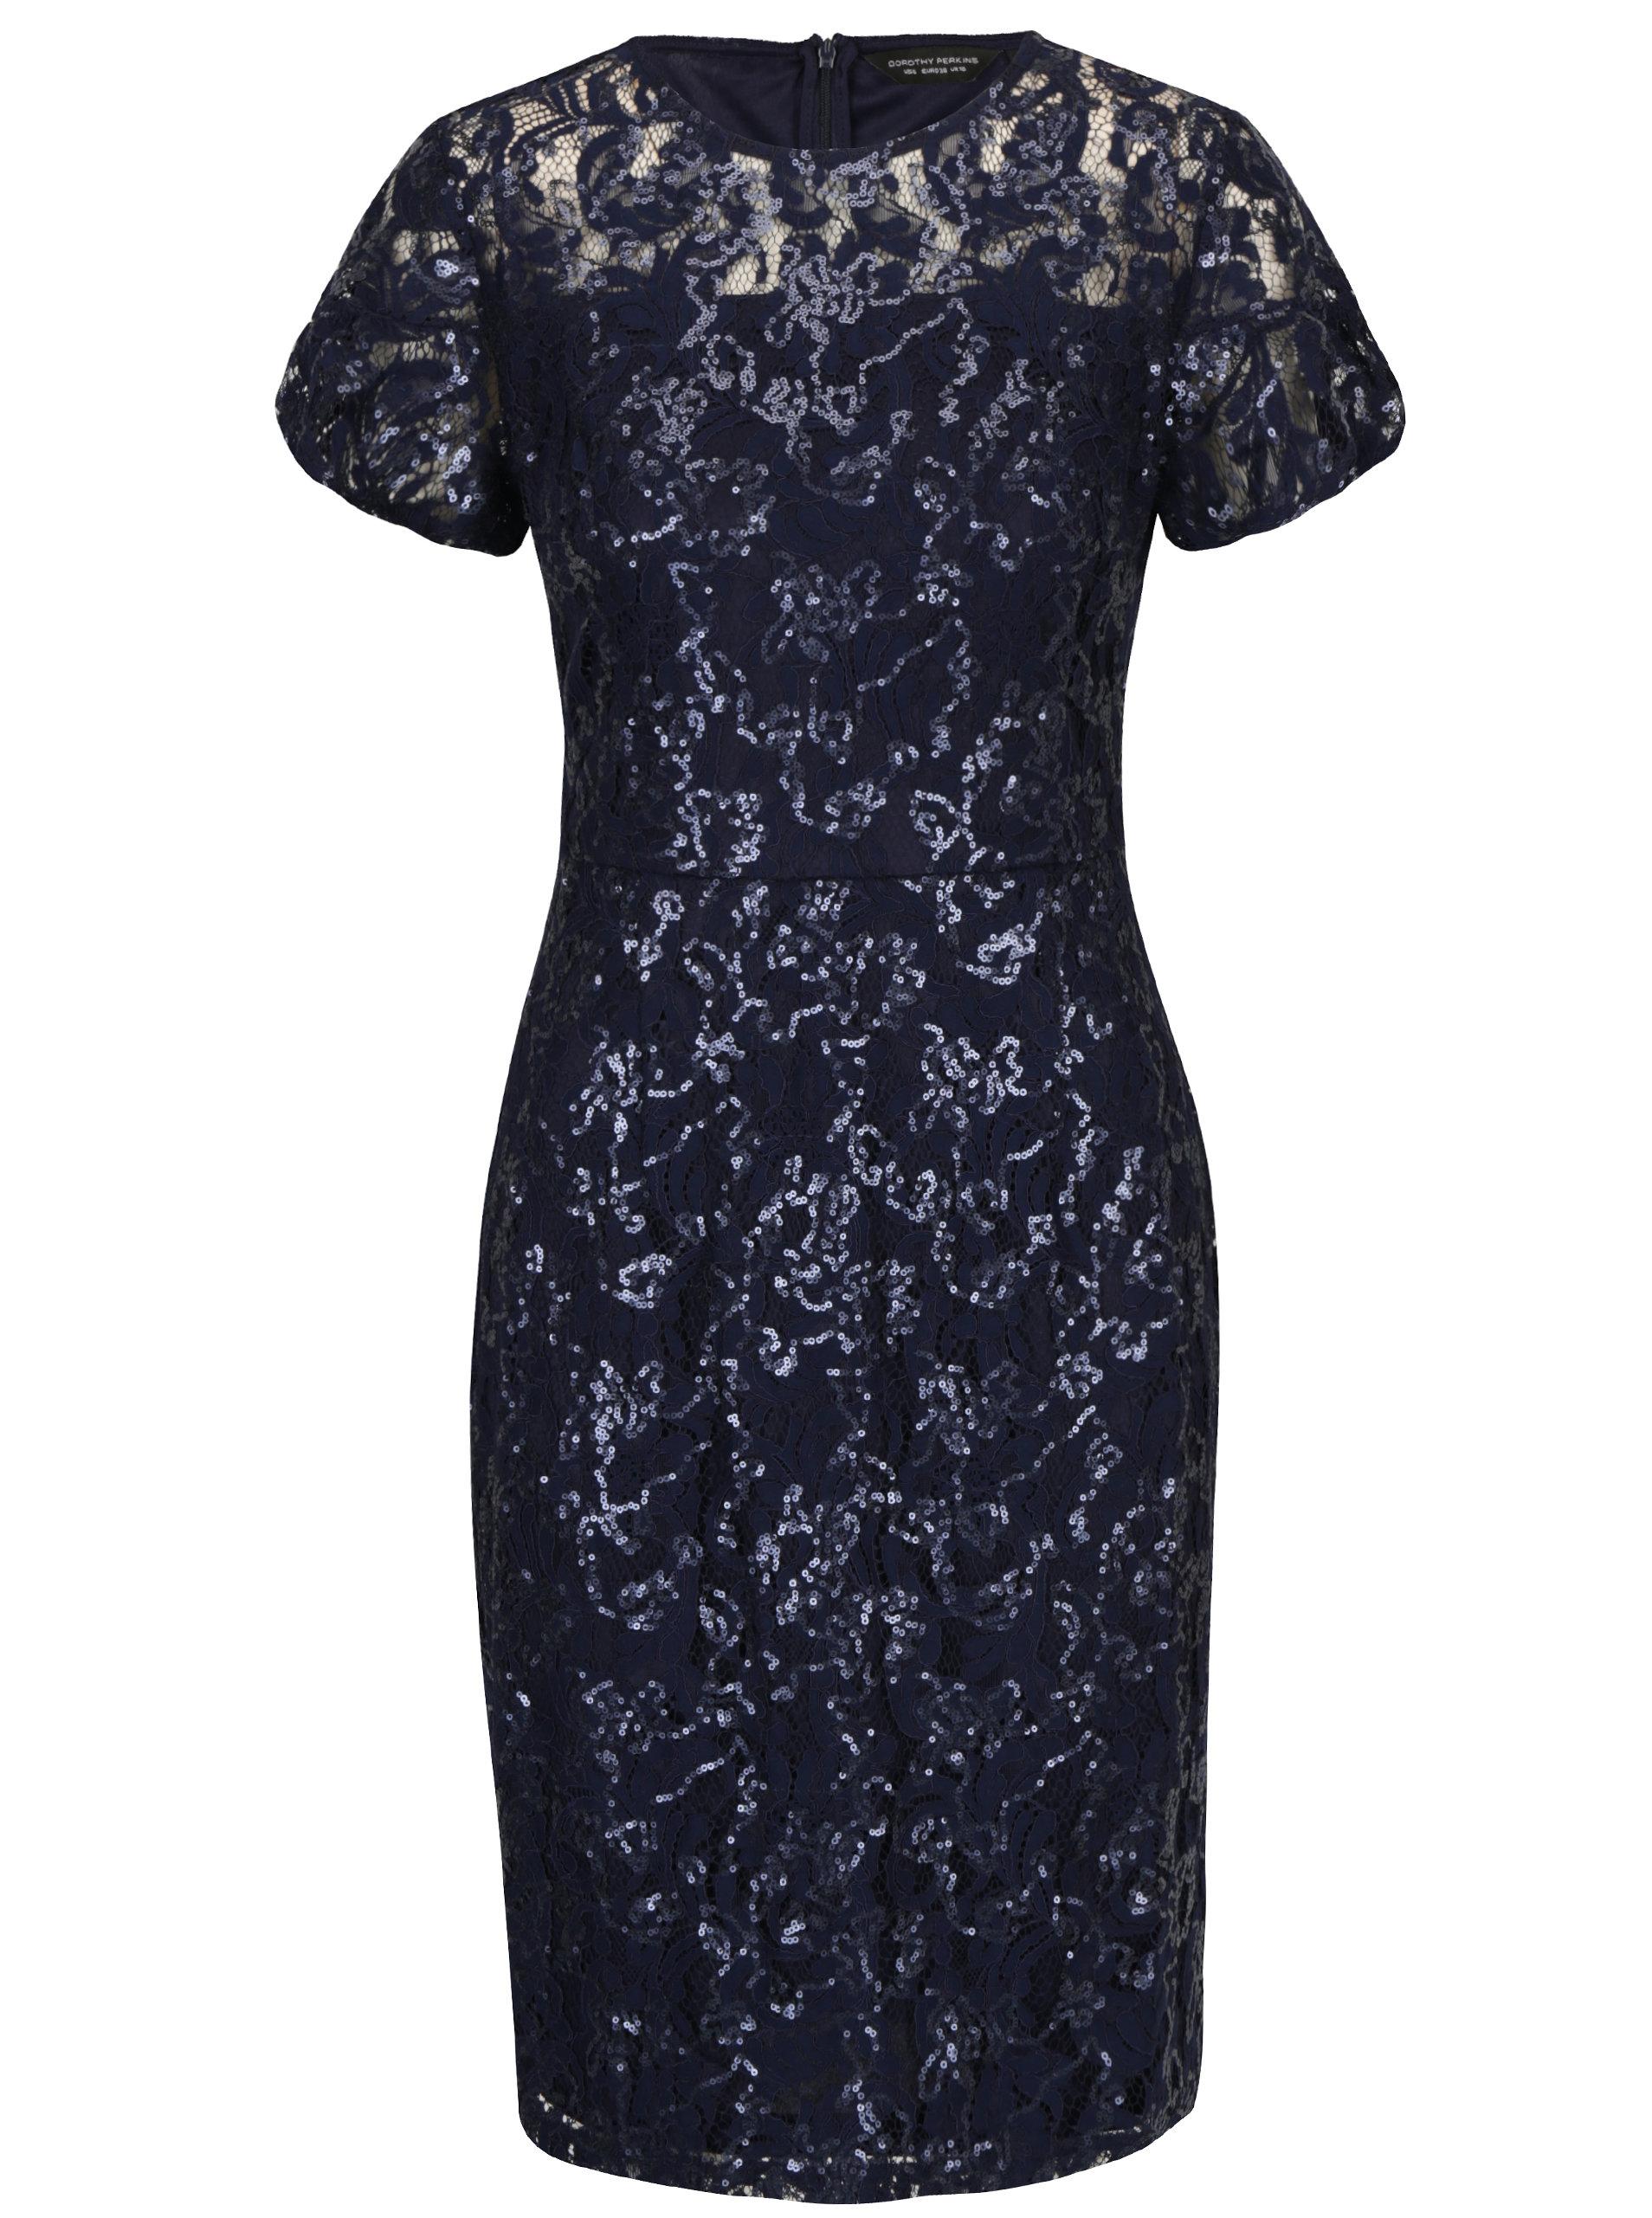 Tmavomodré čipkované puzdrové šaty s flitrami Dorothy Perkins ... dea1f6a1e04